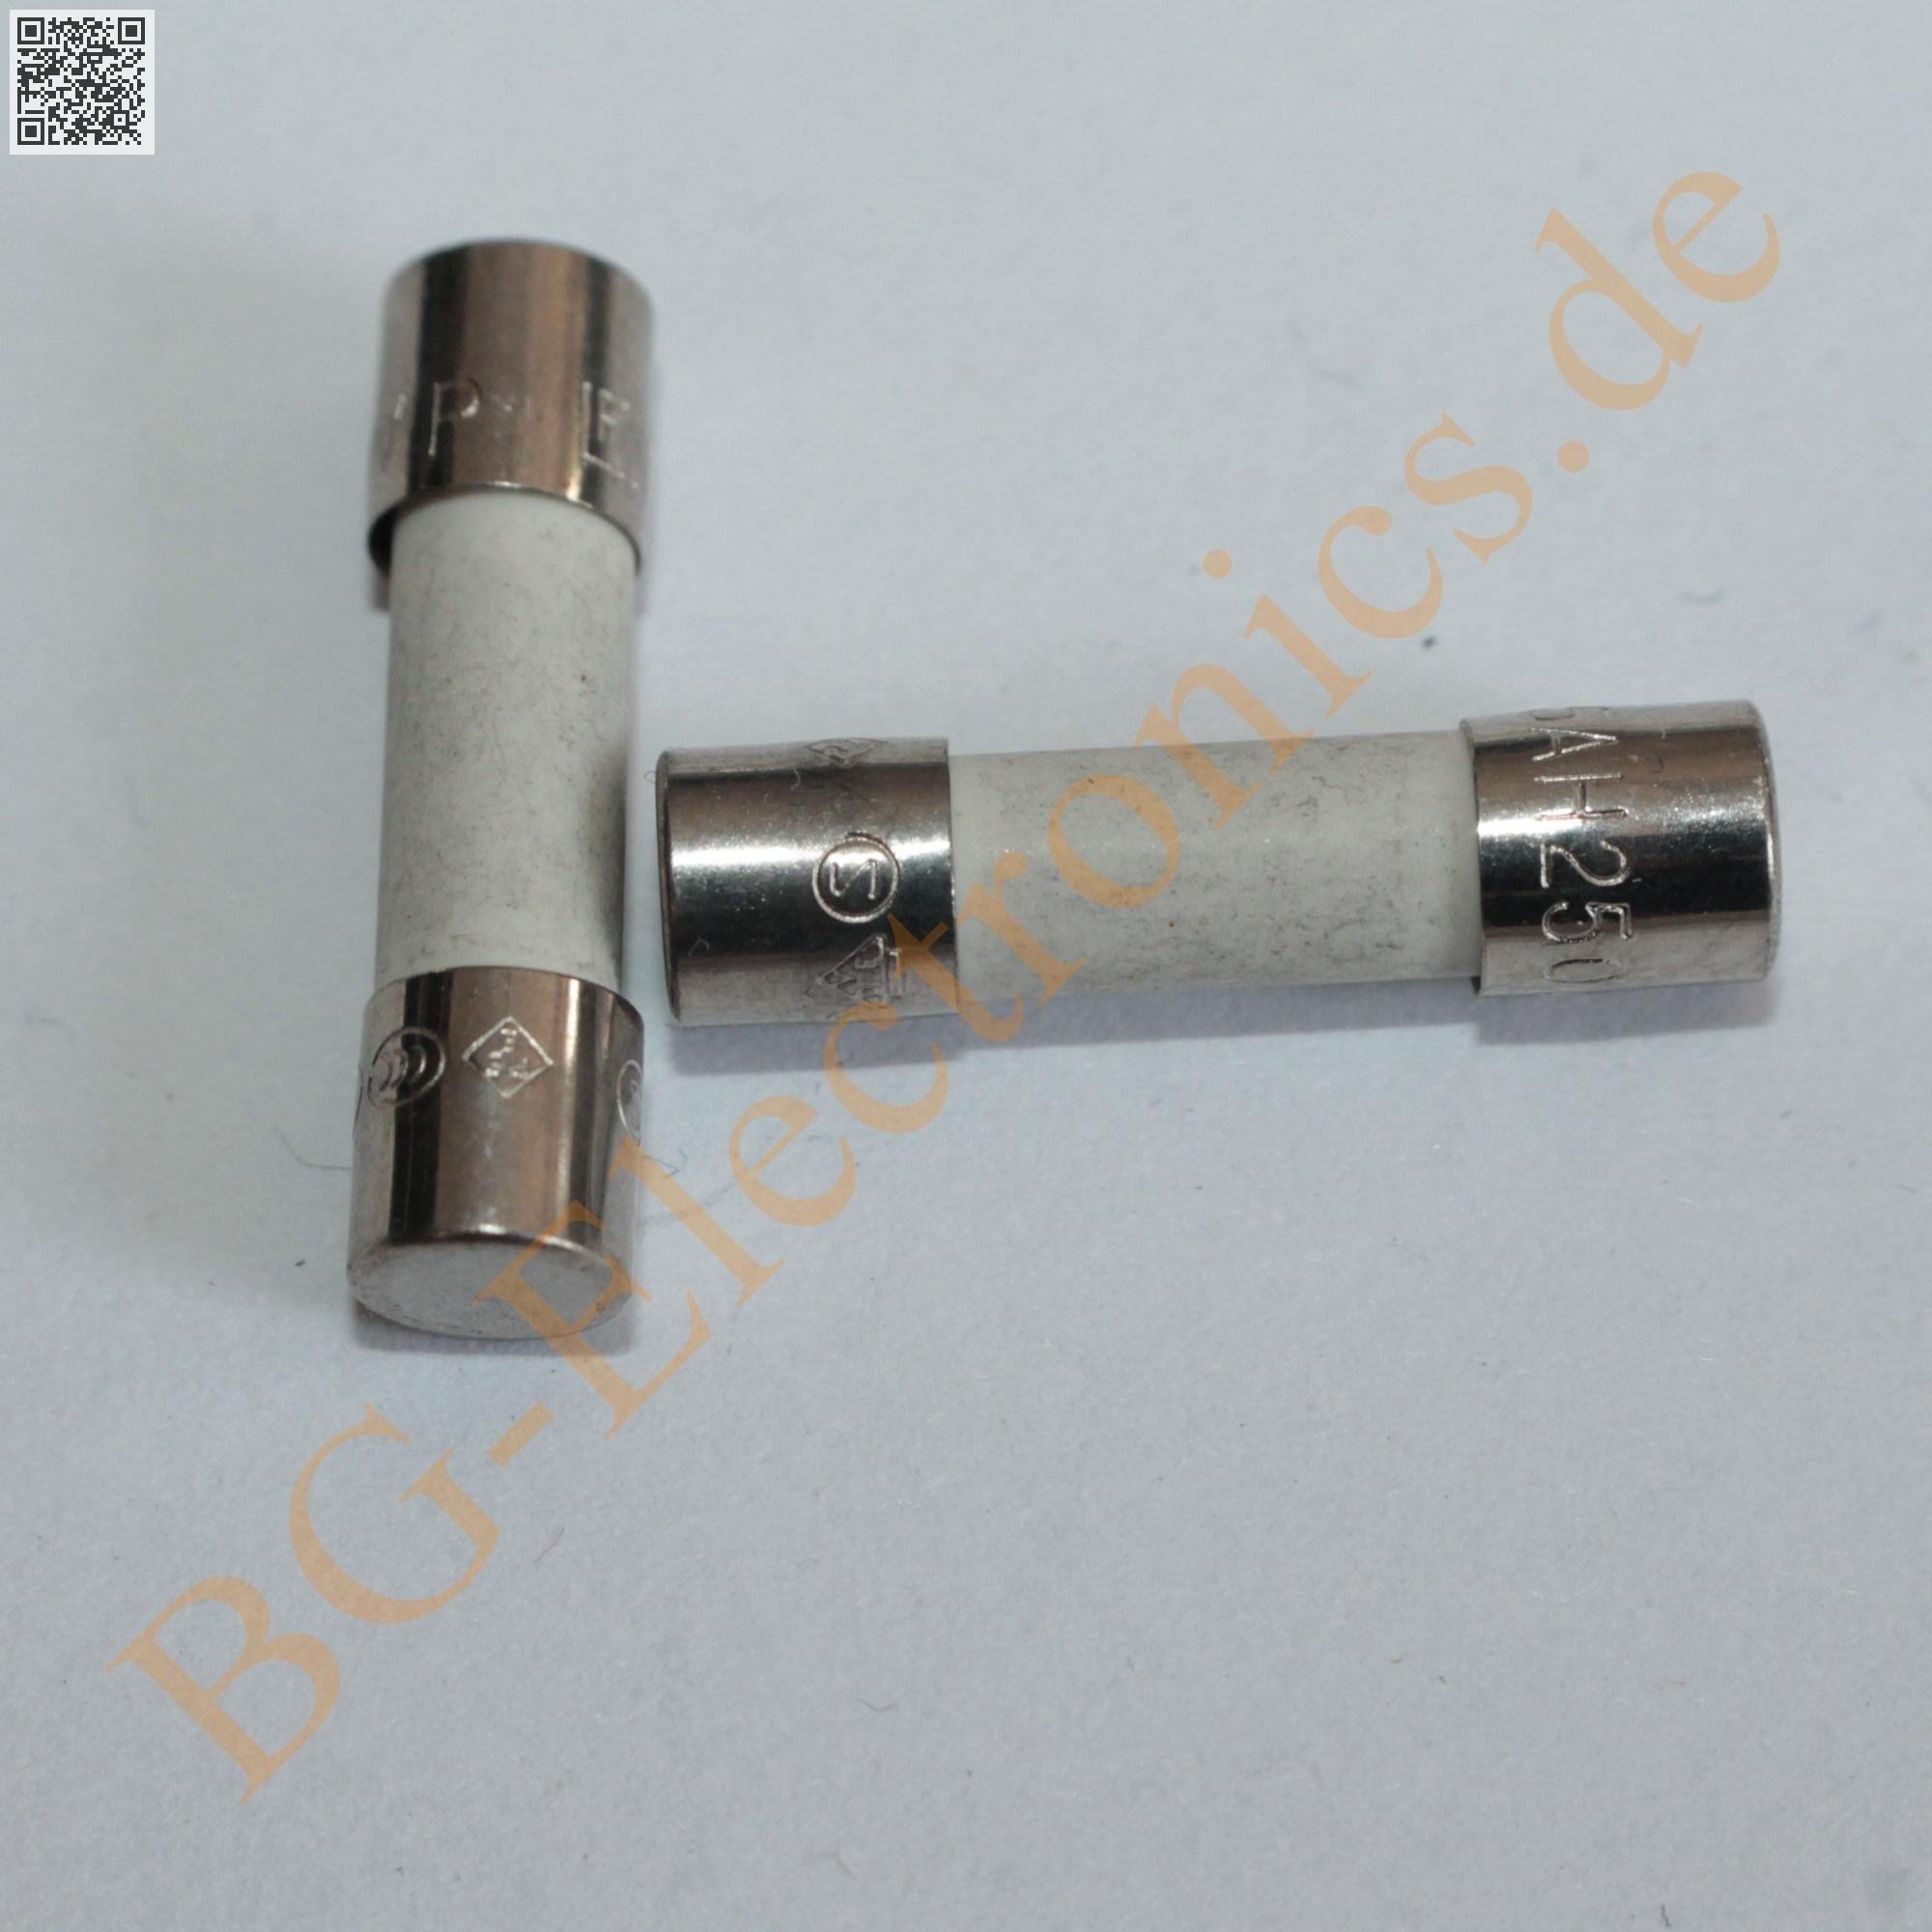 5x Neodym Magnete Scheibenmagnete Zylindermagnete 12 x 5 mm Pinnwand L0122